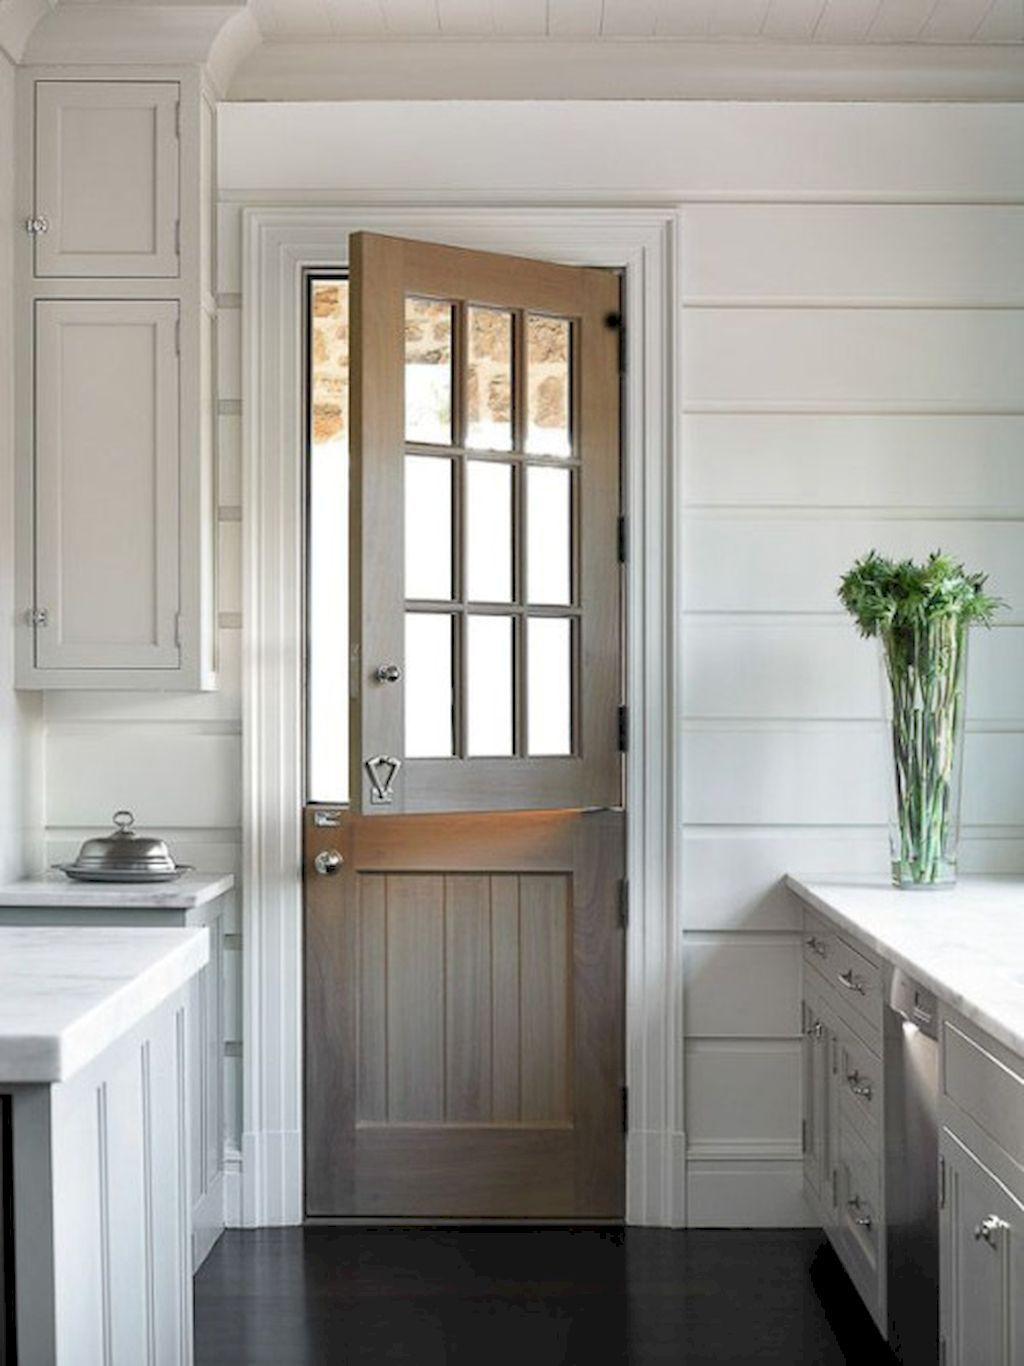 75 stunning farmhouse interior design ideas https